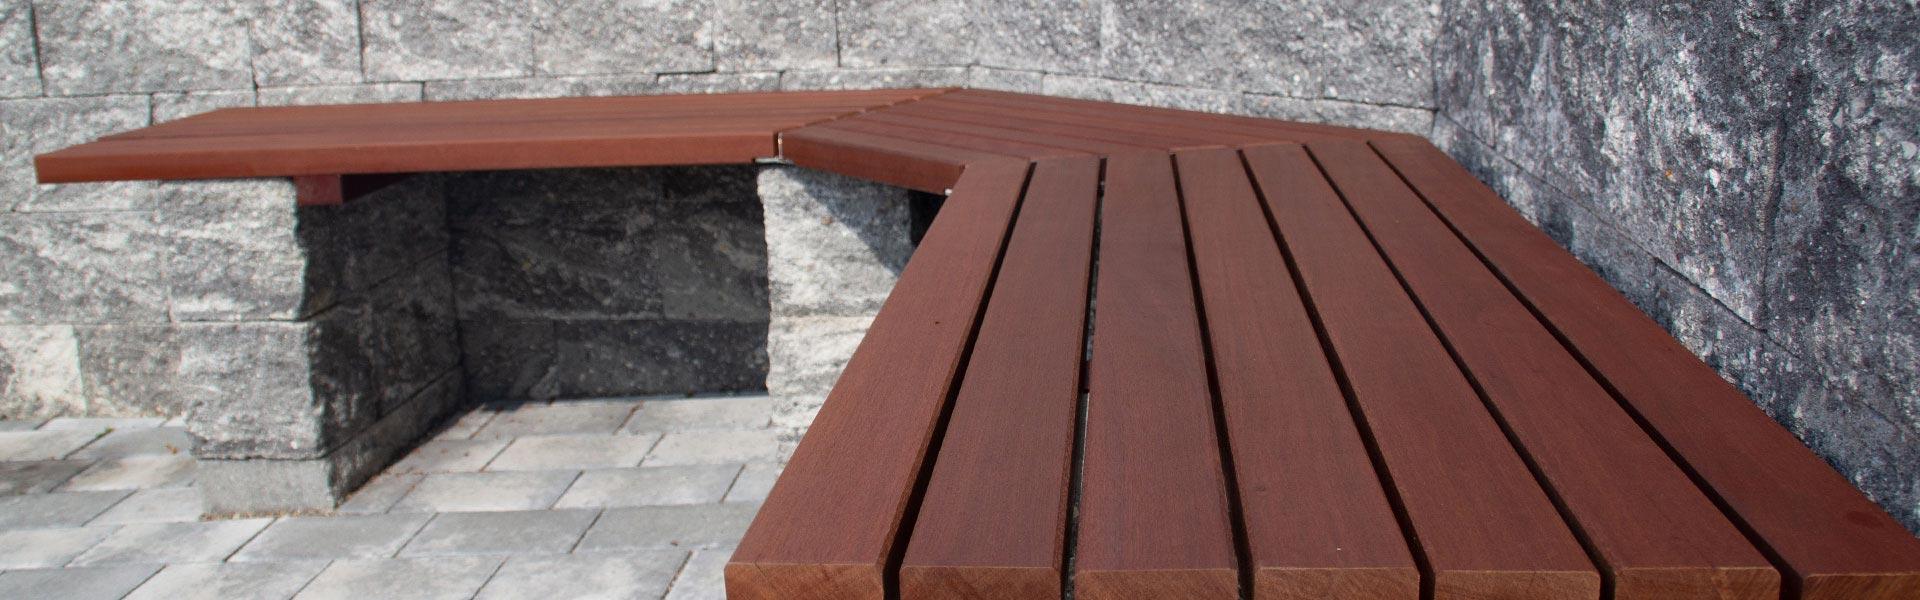 Gartenbank aus Bakirai Holz